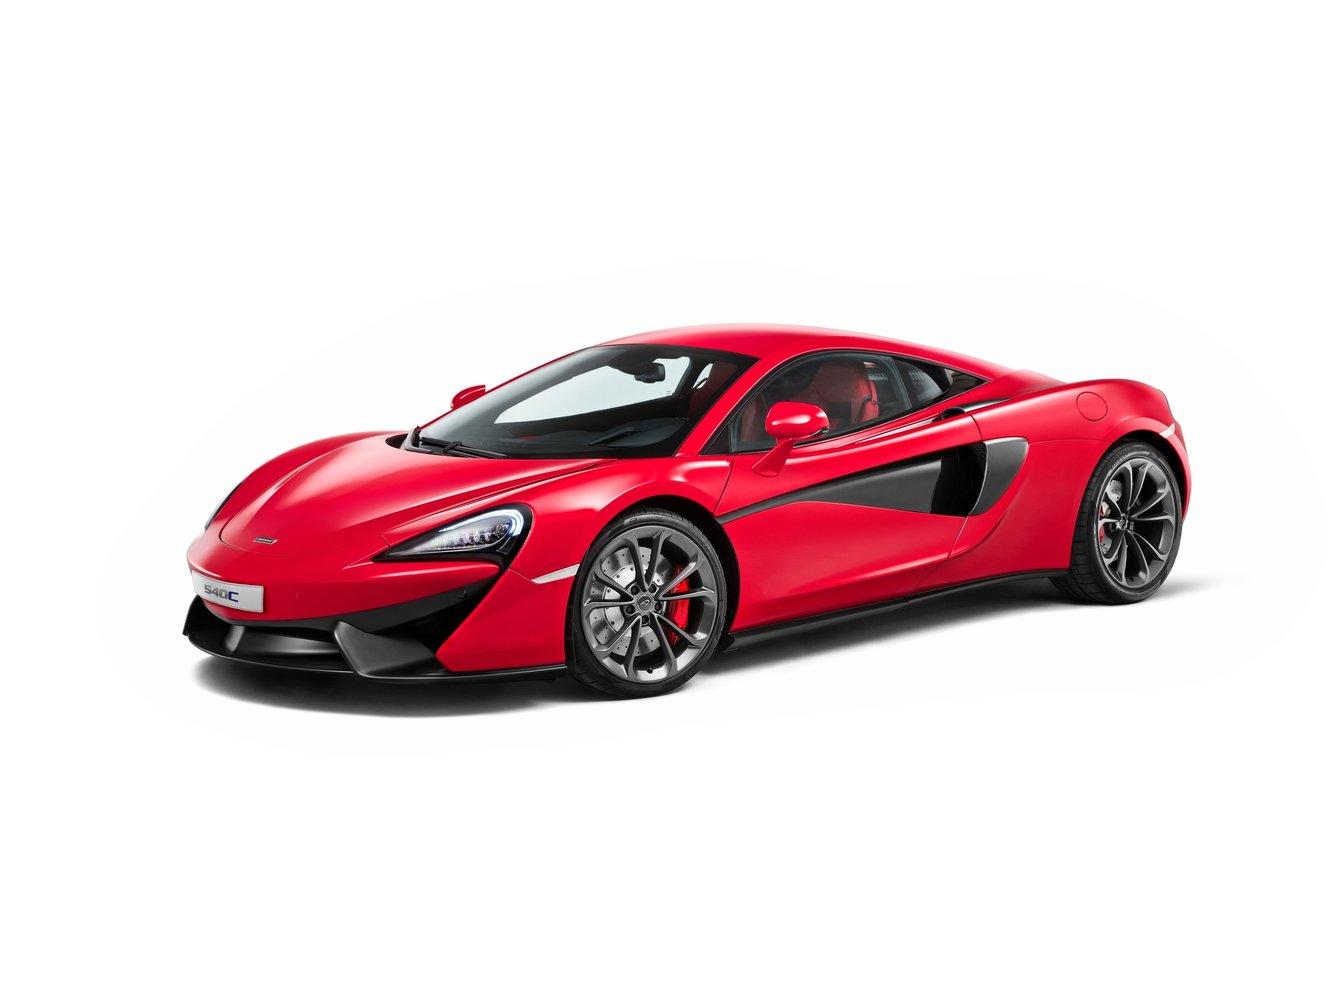 mclaren McLaren 540C